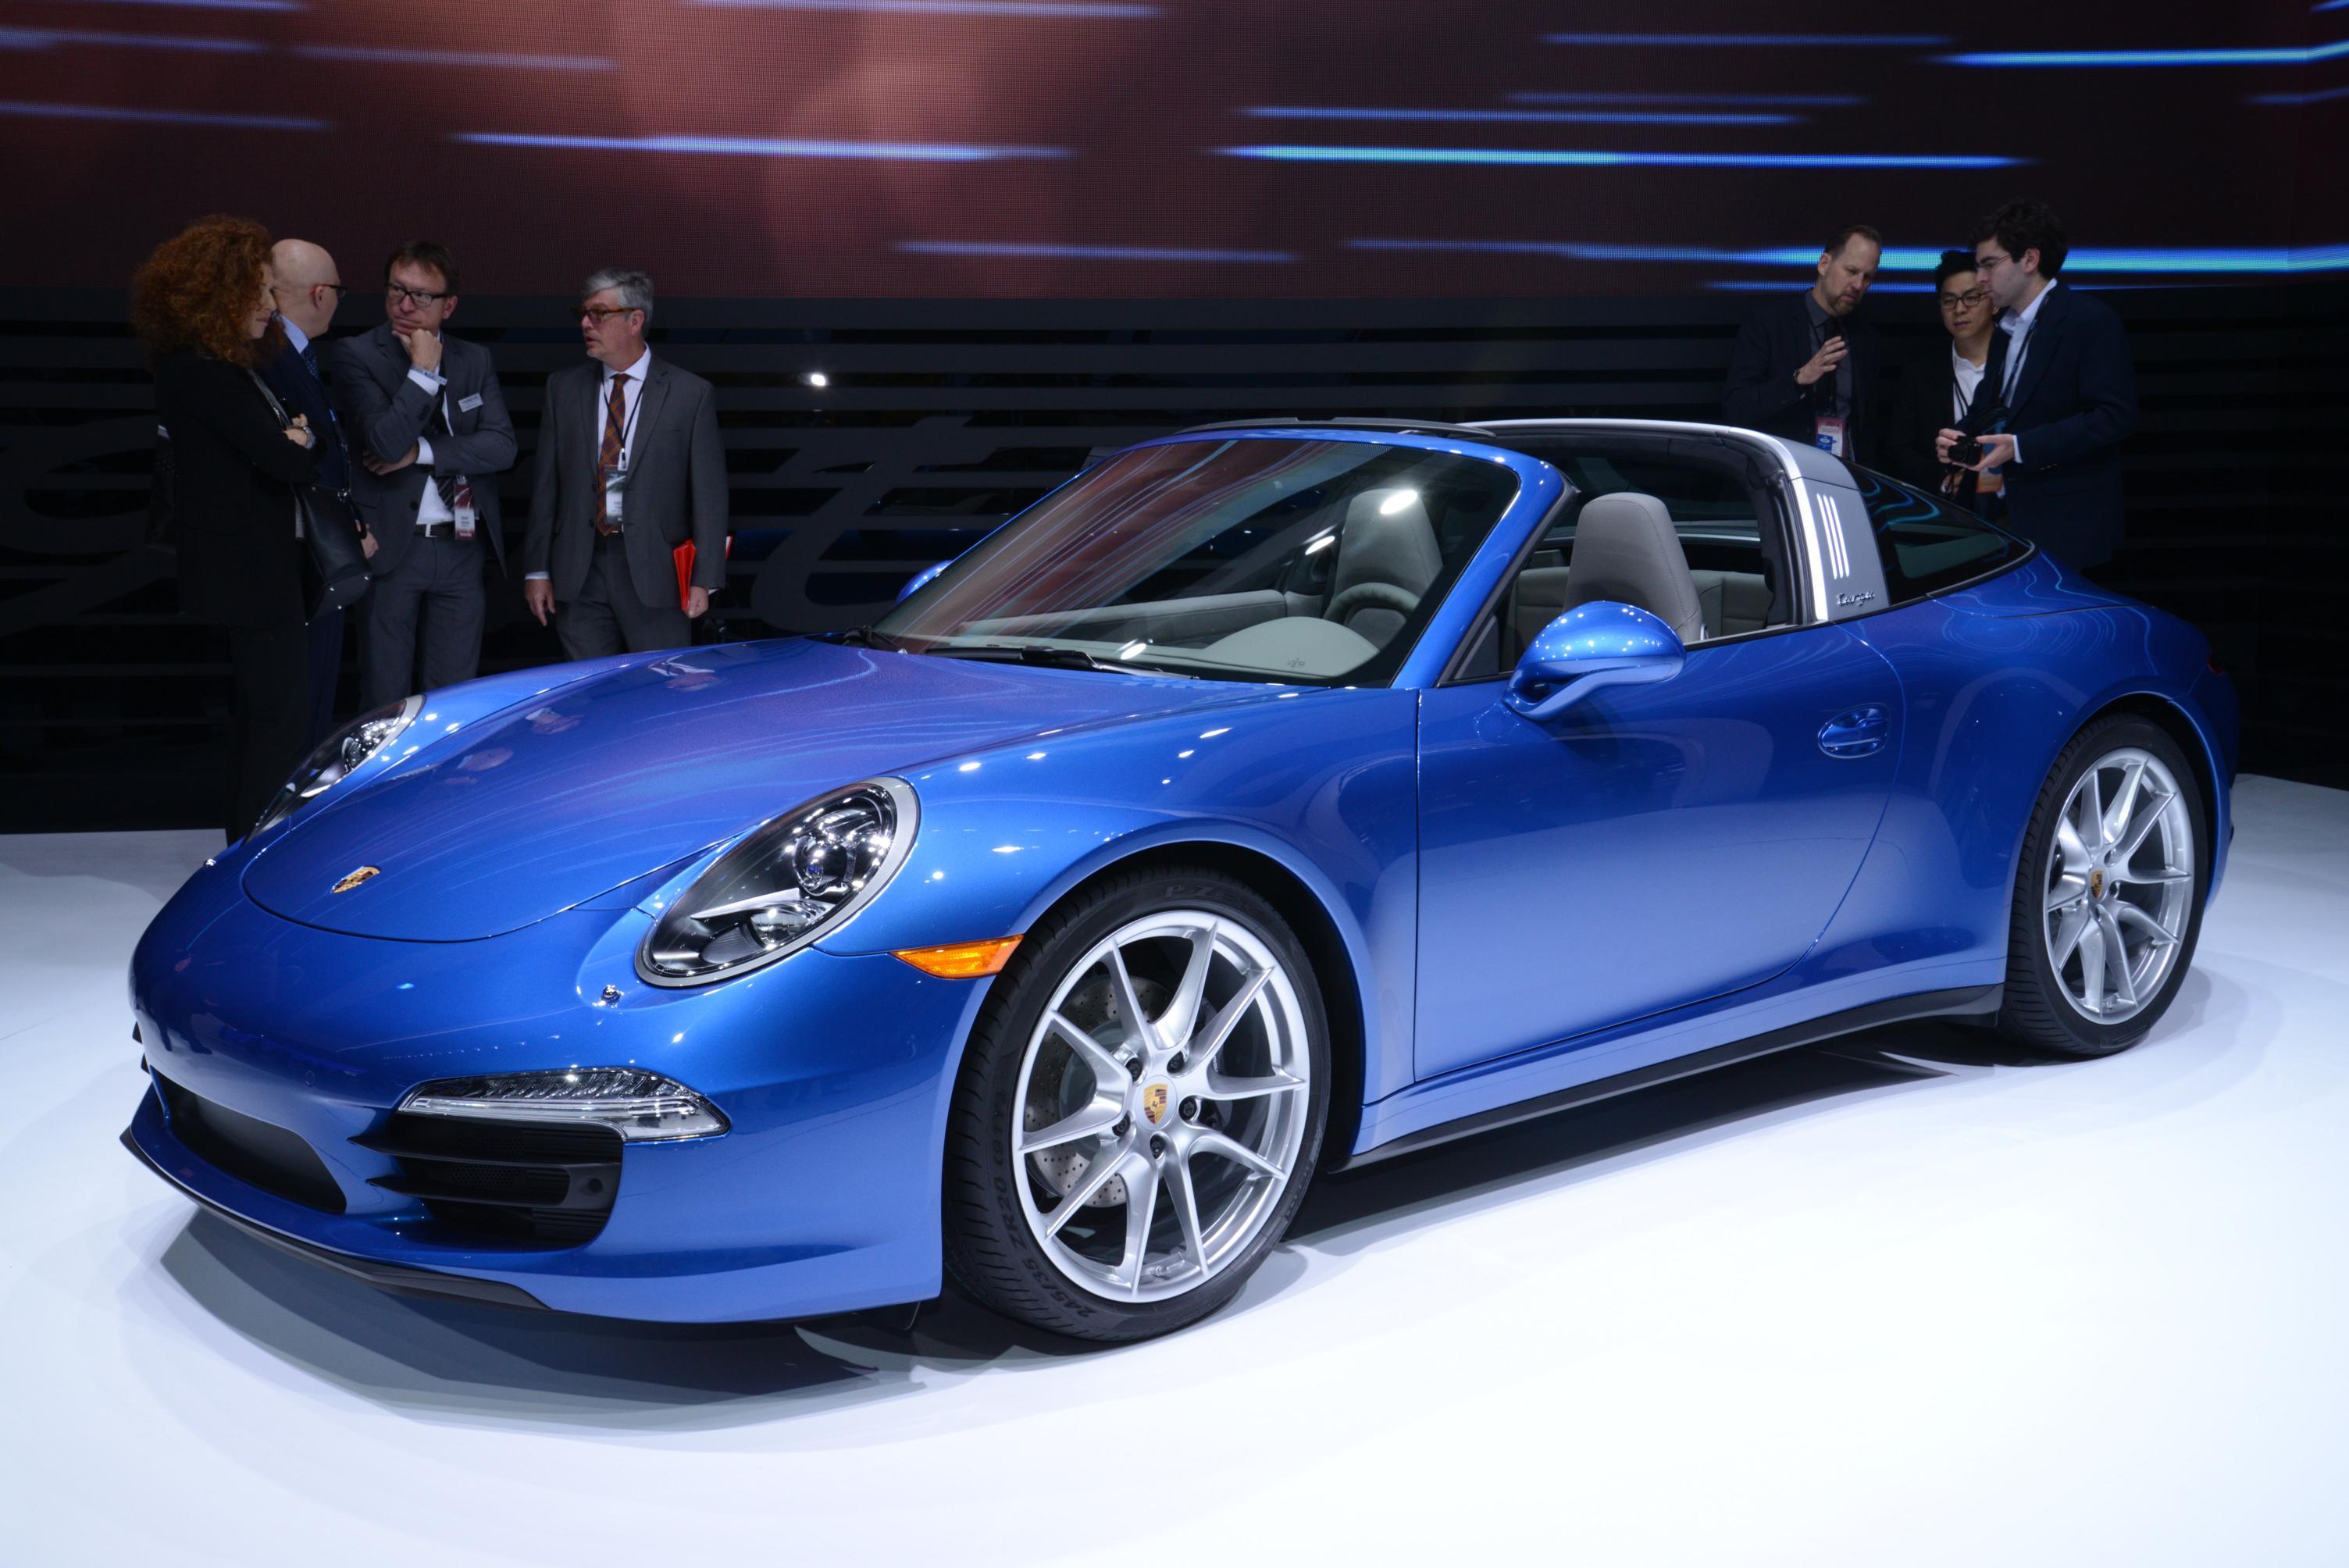 New Porsche 911 Targa Has An Automatic Roof